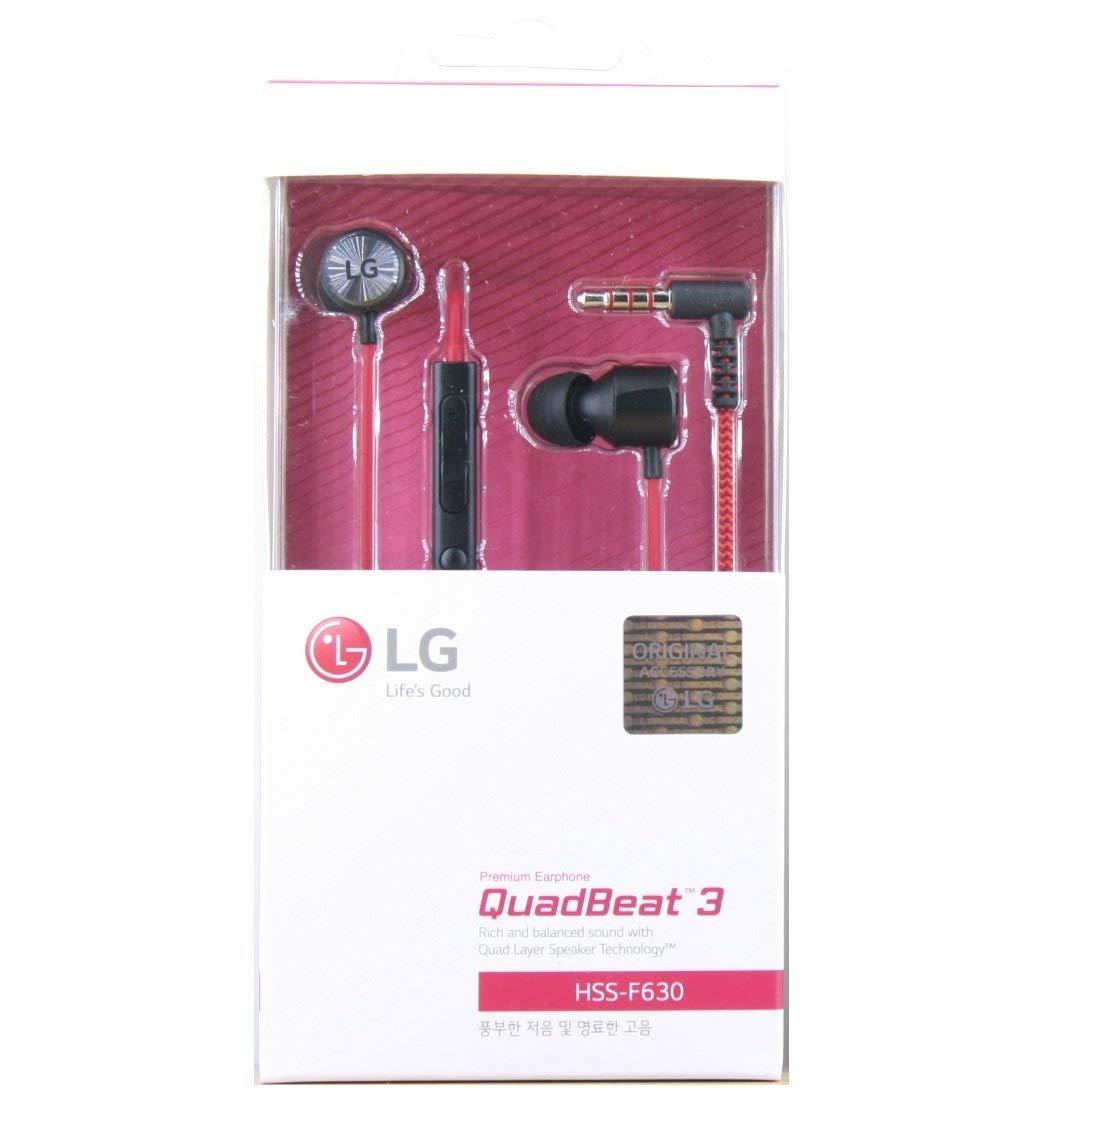 LG Quadbeat 3 In Ear Headphones HSS-F630 For LG G4 (Red)